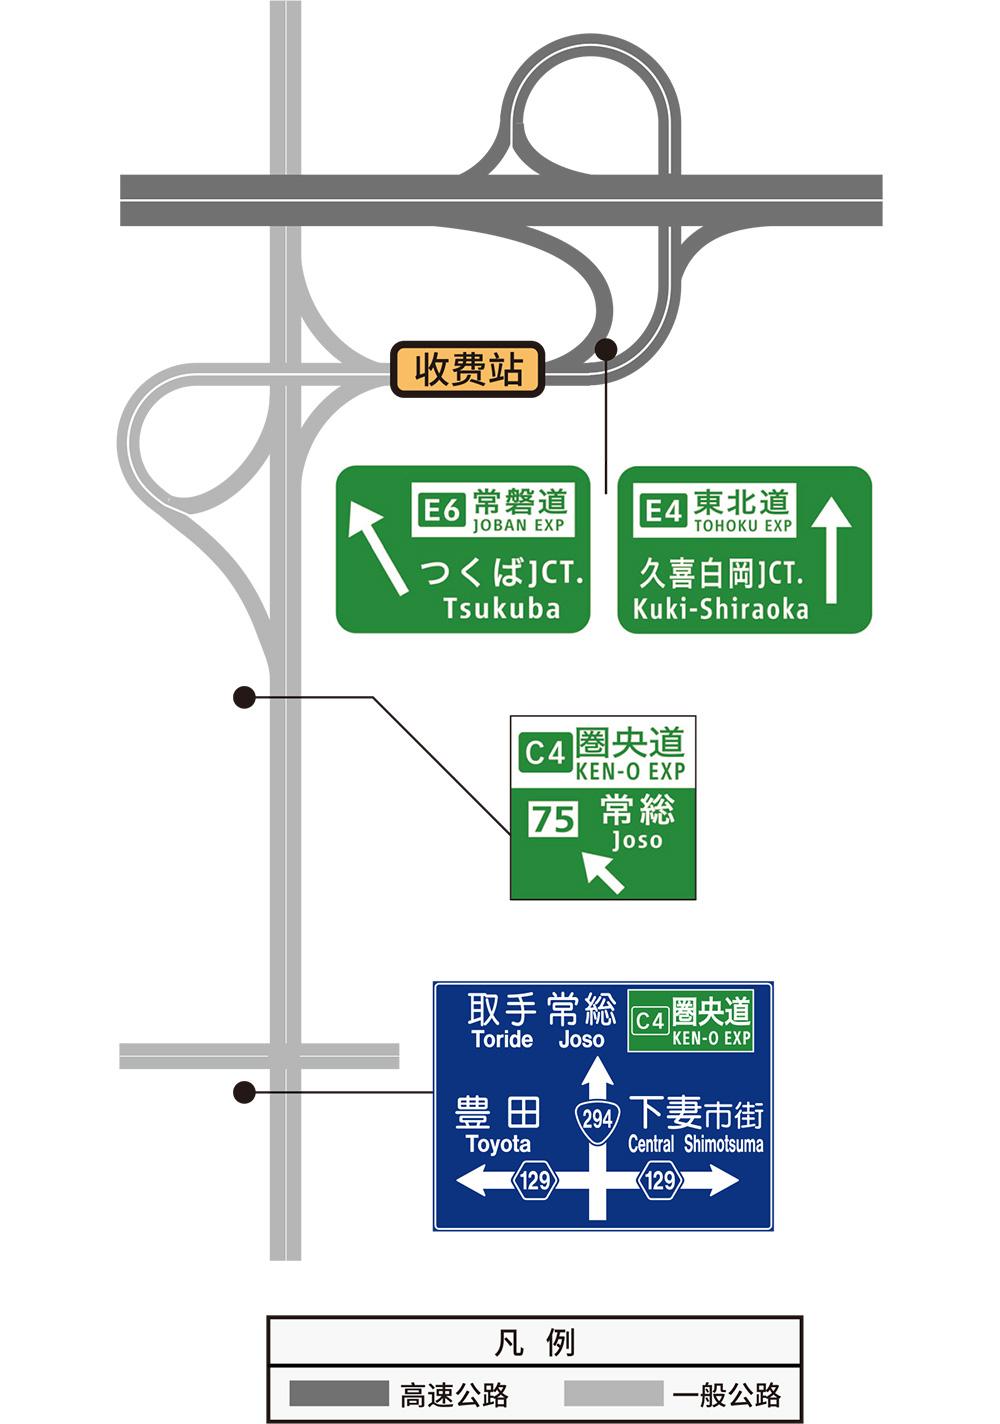 C4 On The Go >> 高速公路编号